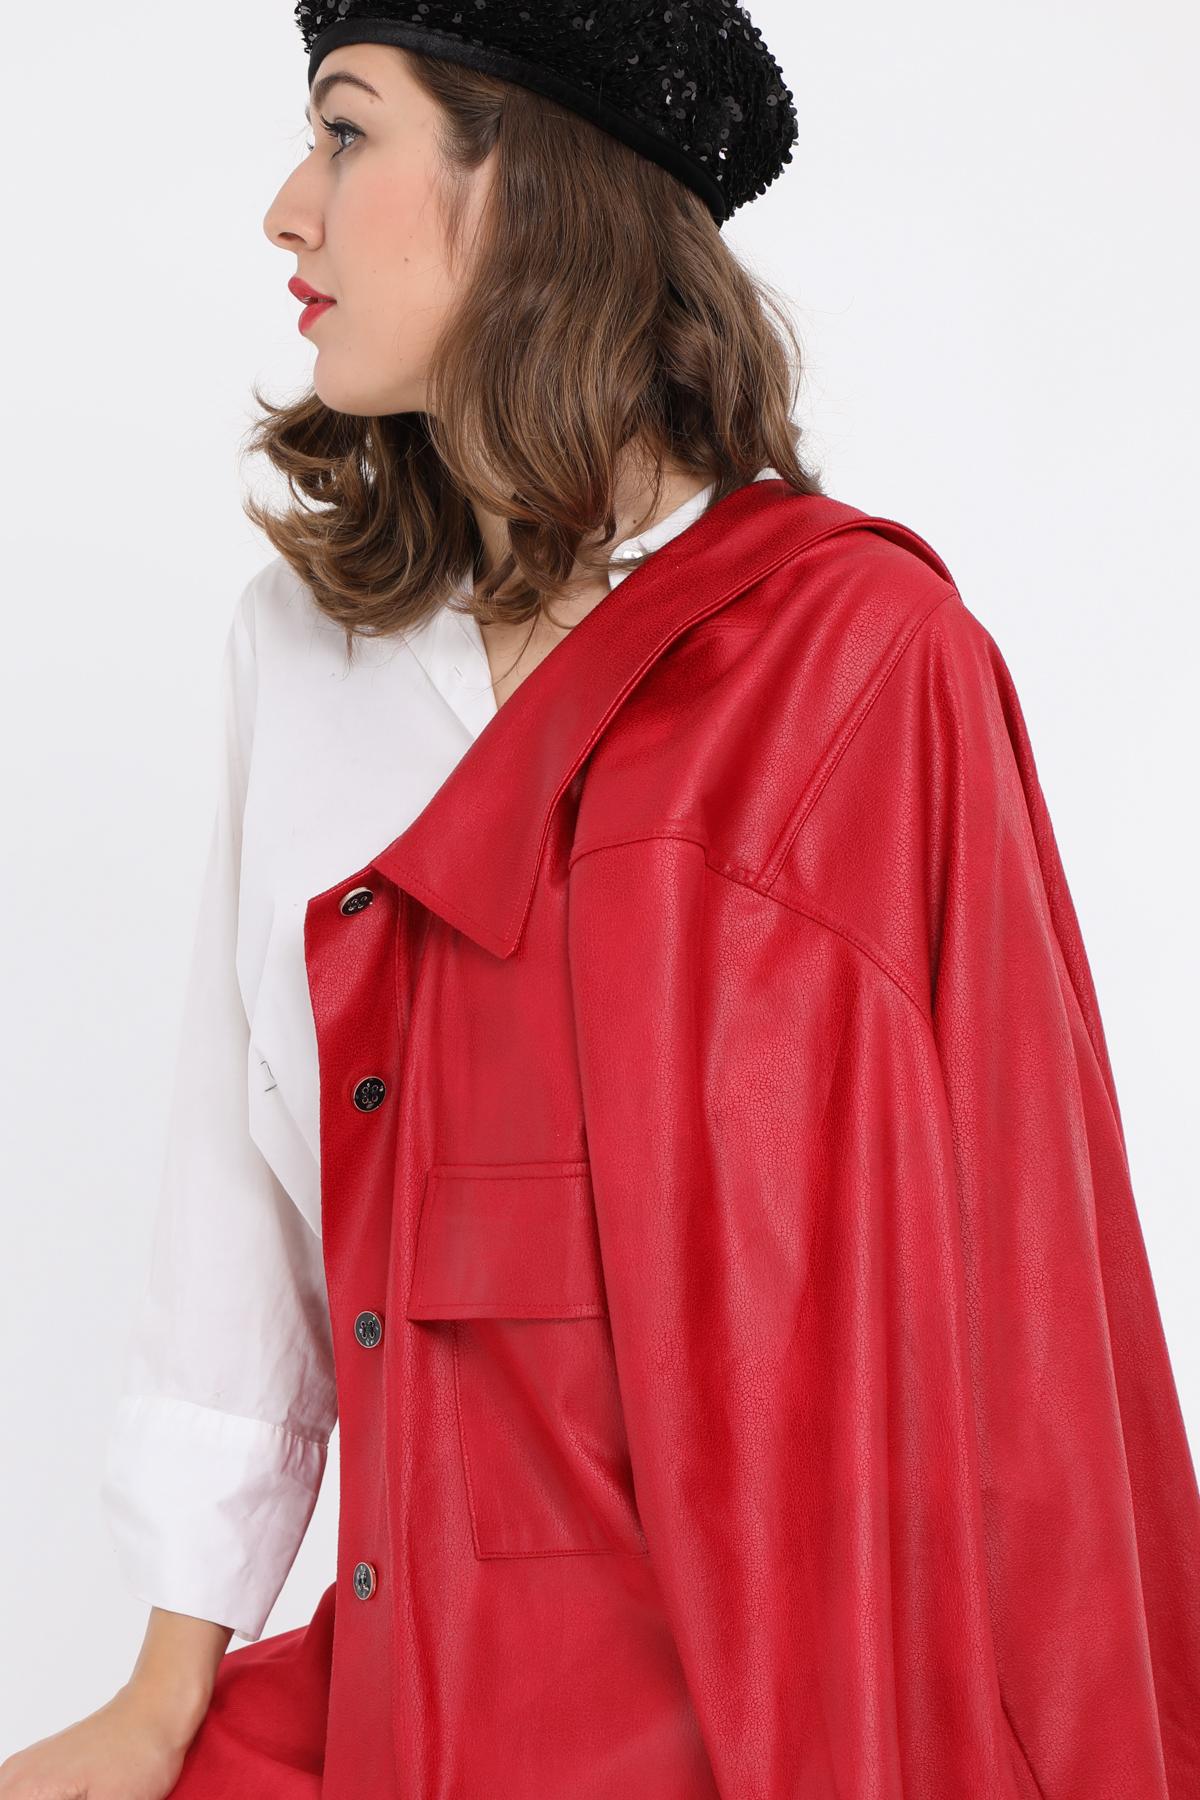 veste grande taille femme 2W PARIS c3409 simili suedine rouge 46-60